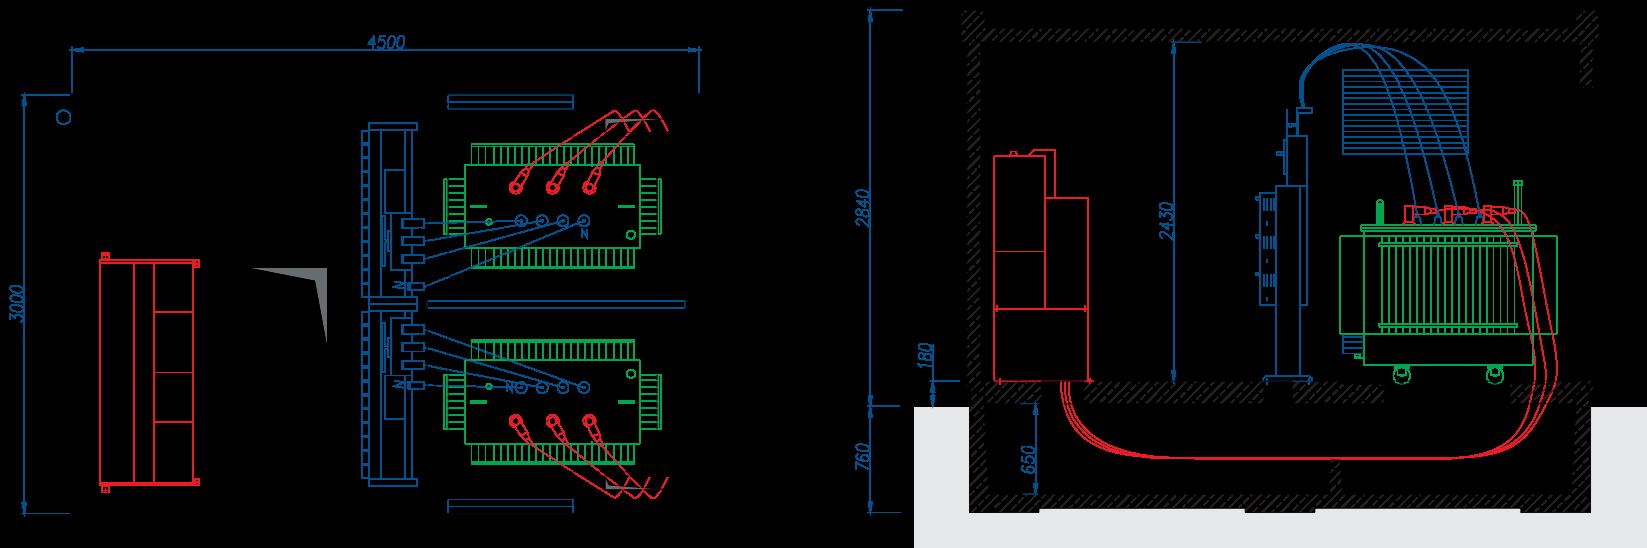 Rzut stacji transformatorowej BEK 300/450